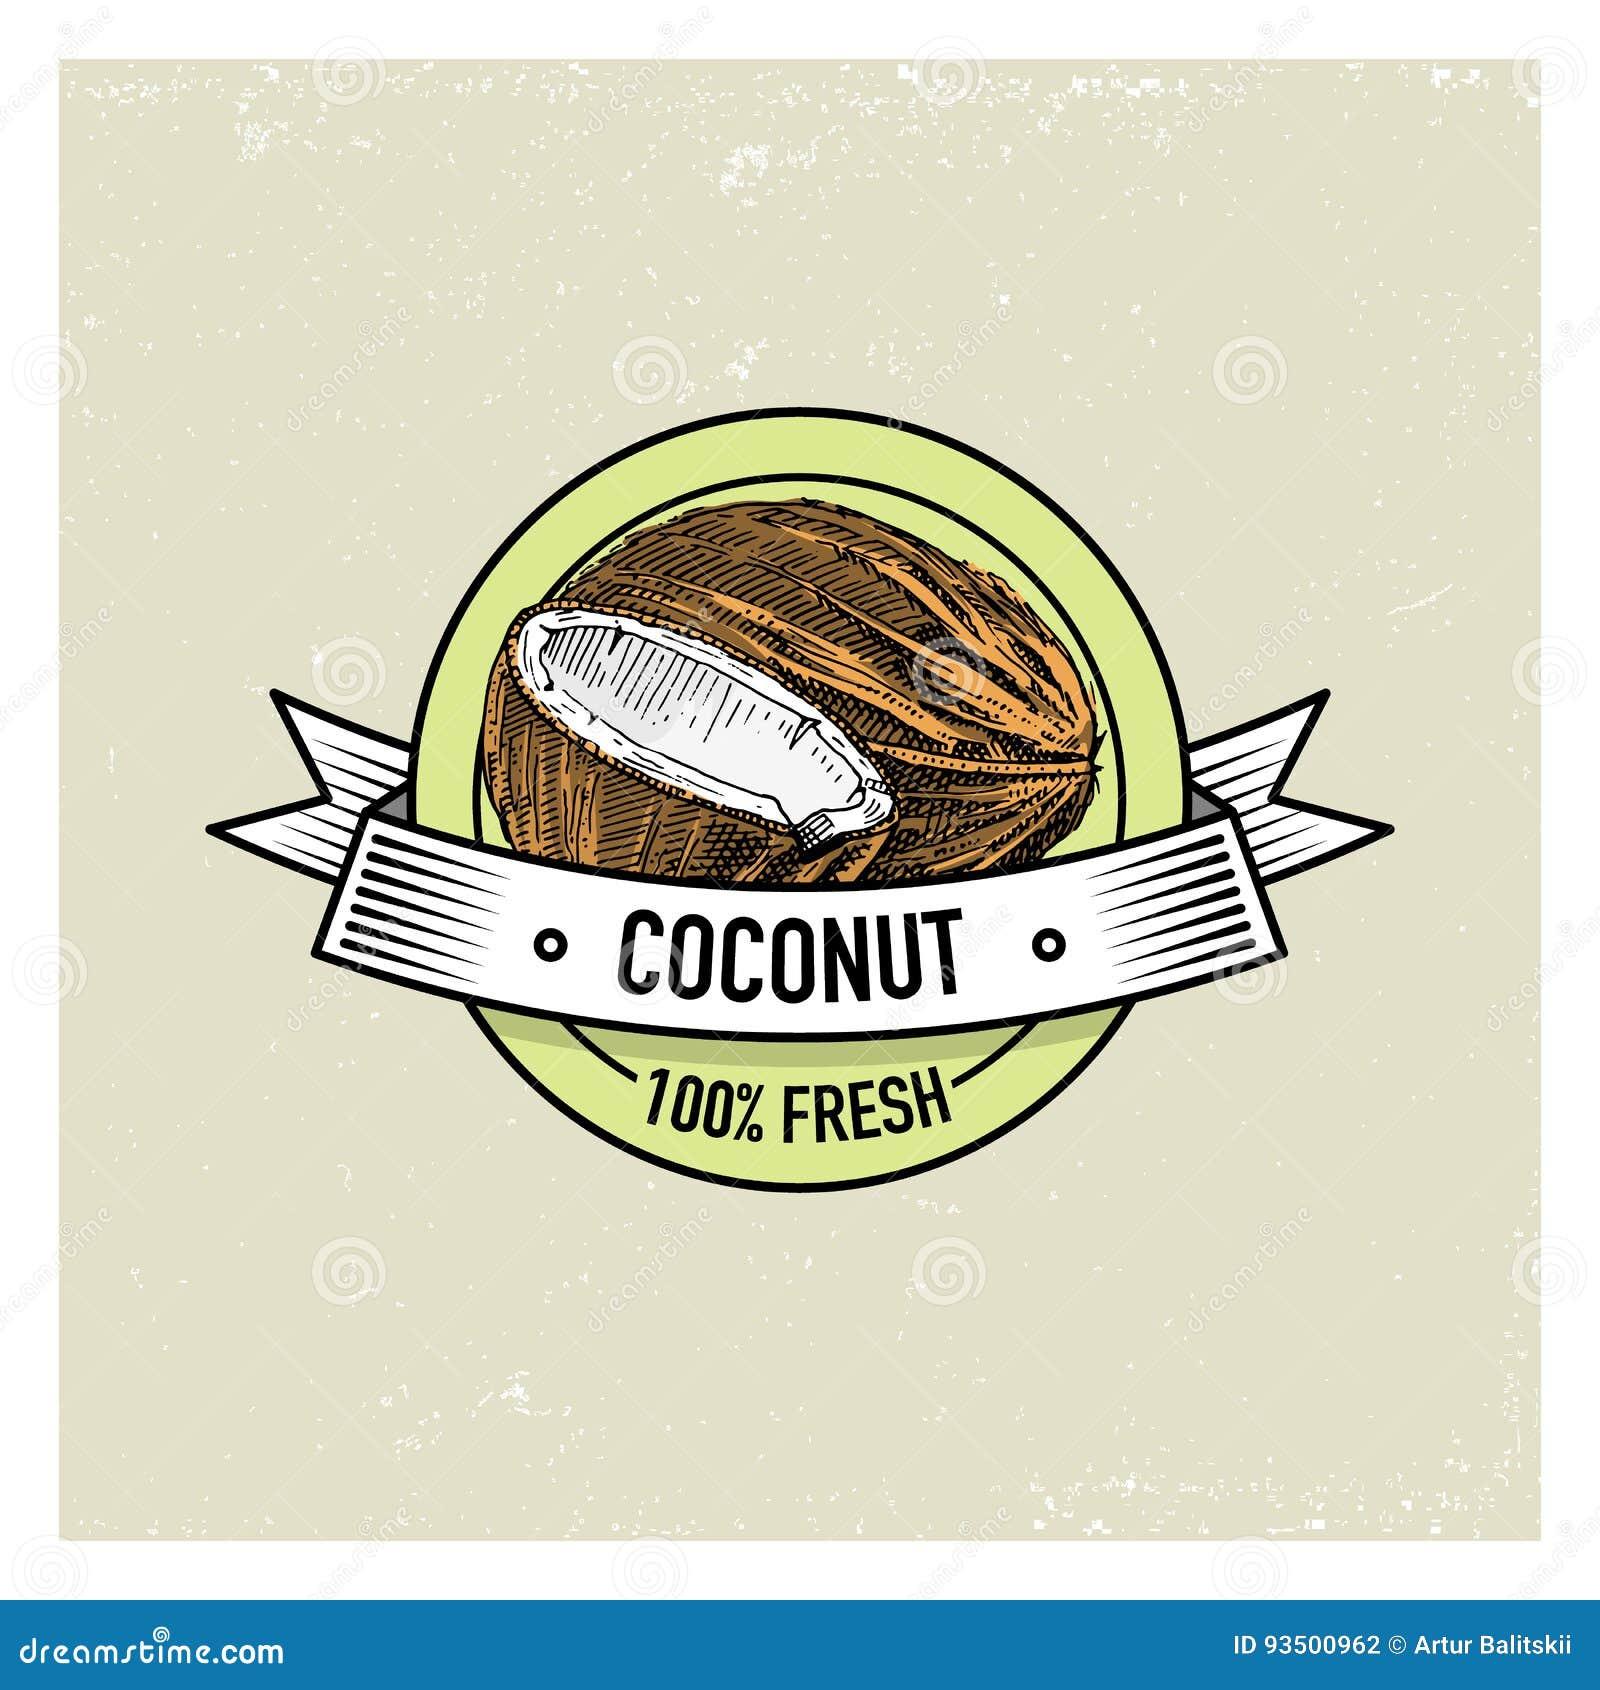 El coco es una fruta citrica